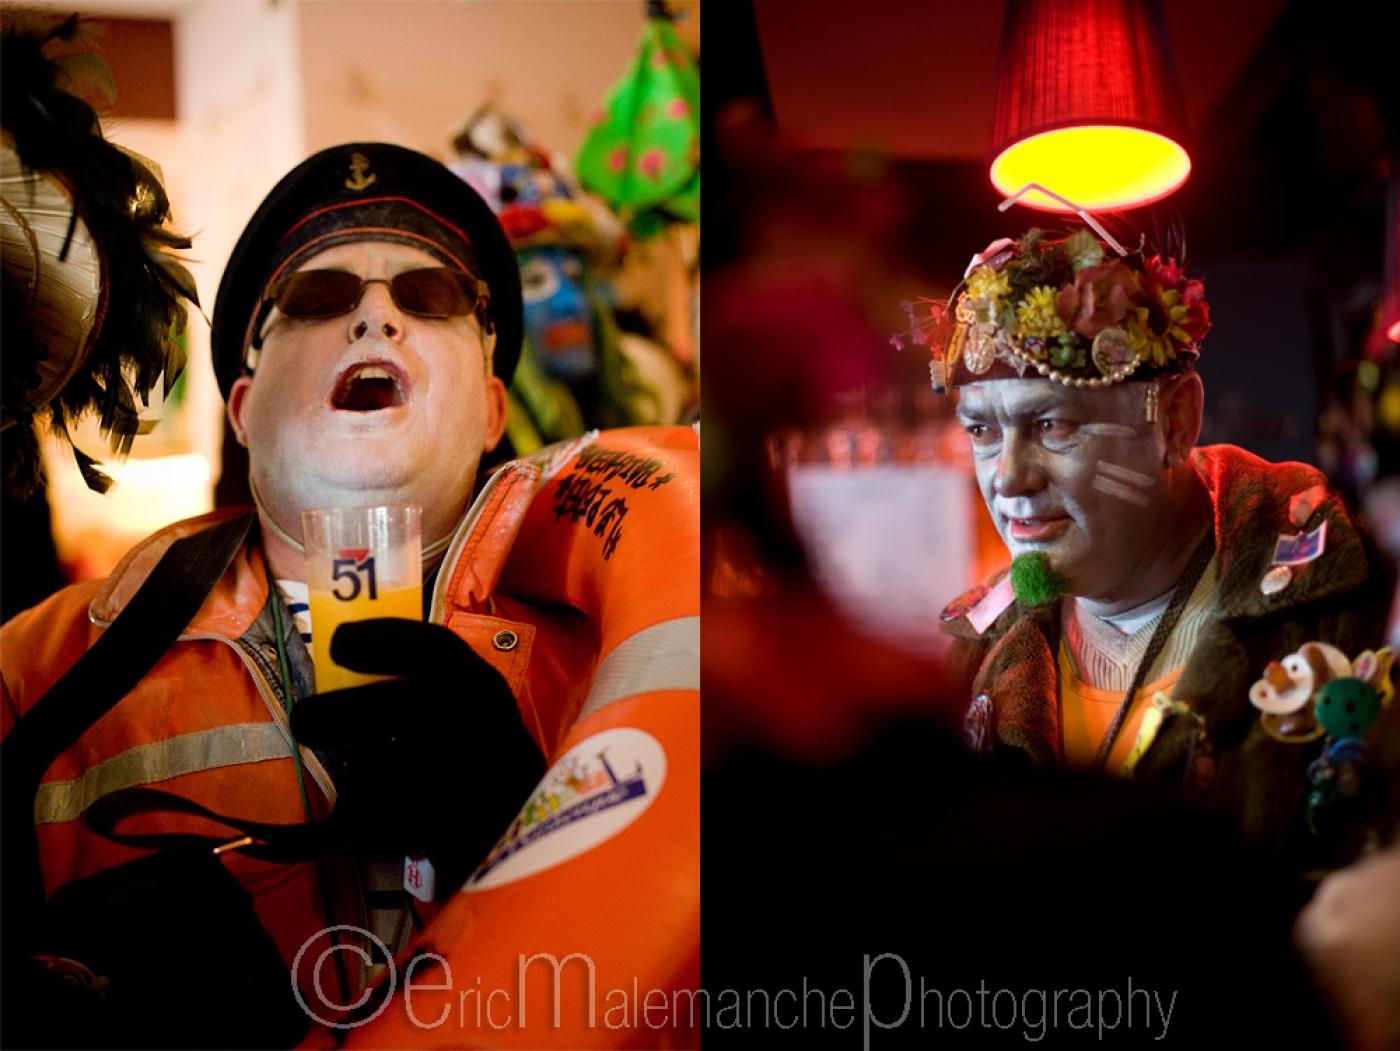 http://www.ericmalemanche.com/imagess/topics/carnaval-de-dunkerque/liste/Carnaval-Dunkerque-0202.jpg